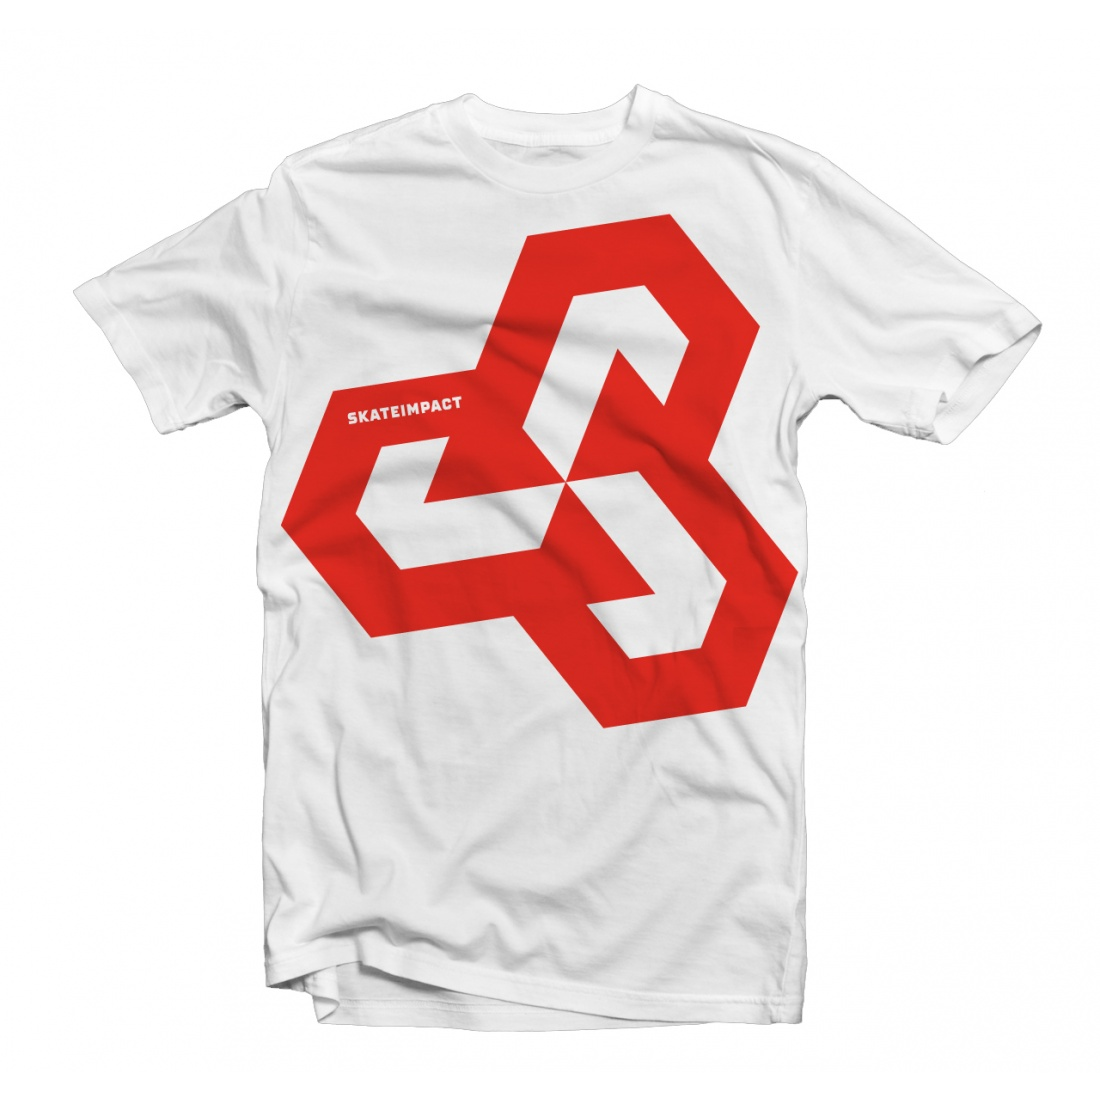 Skateimpact Giant Icon Red on White Tshirt